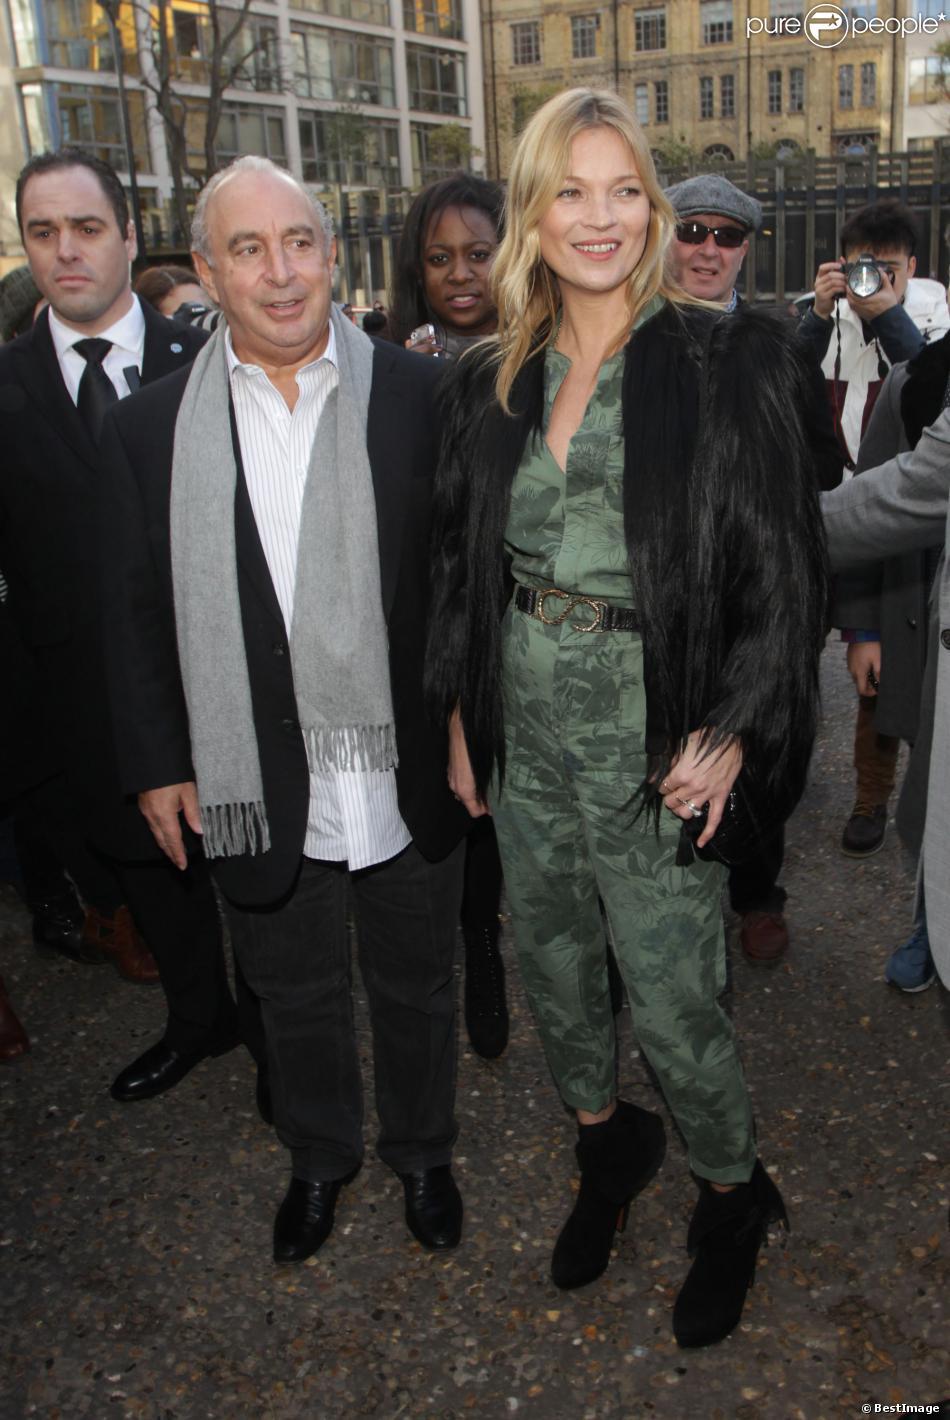 Kate Moss arrive au défilé Topshop Unique avec Sir Philip Green, habillée d'une veste en fourrure, d'une combinaison Topshop et de bottines noires Azzedine Alaïa. Londres, le 16 février 2014.